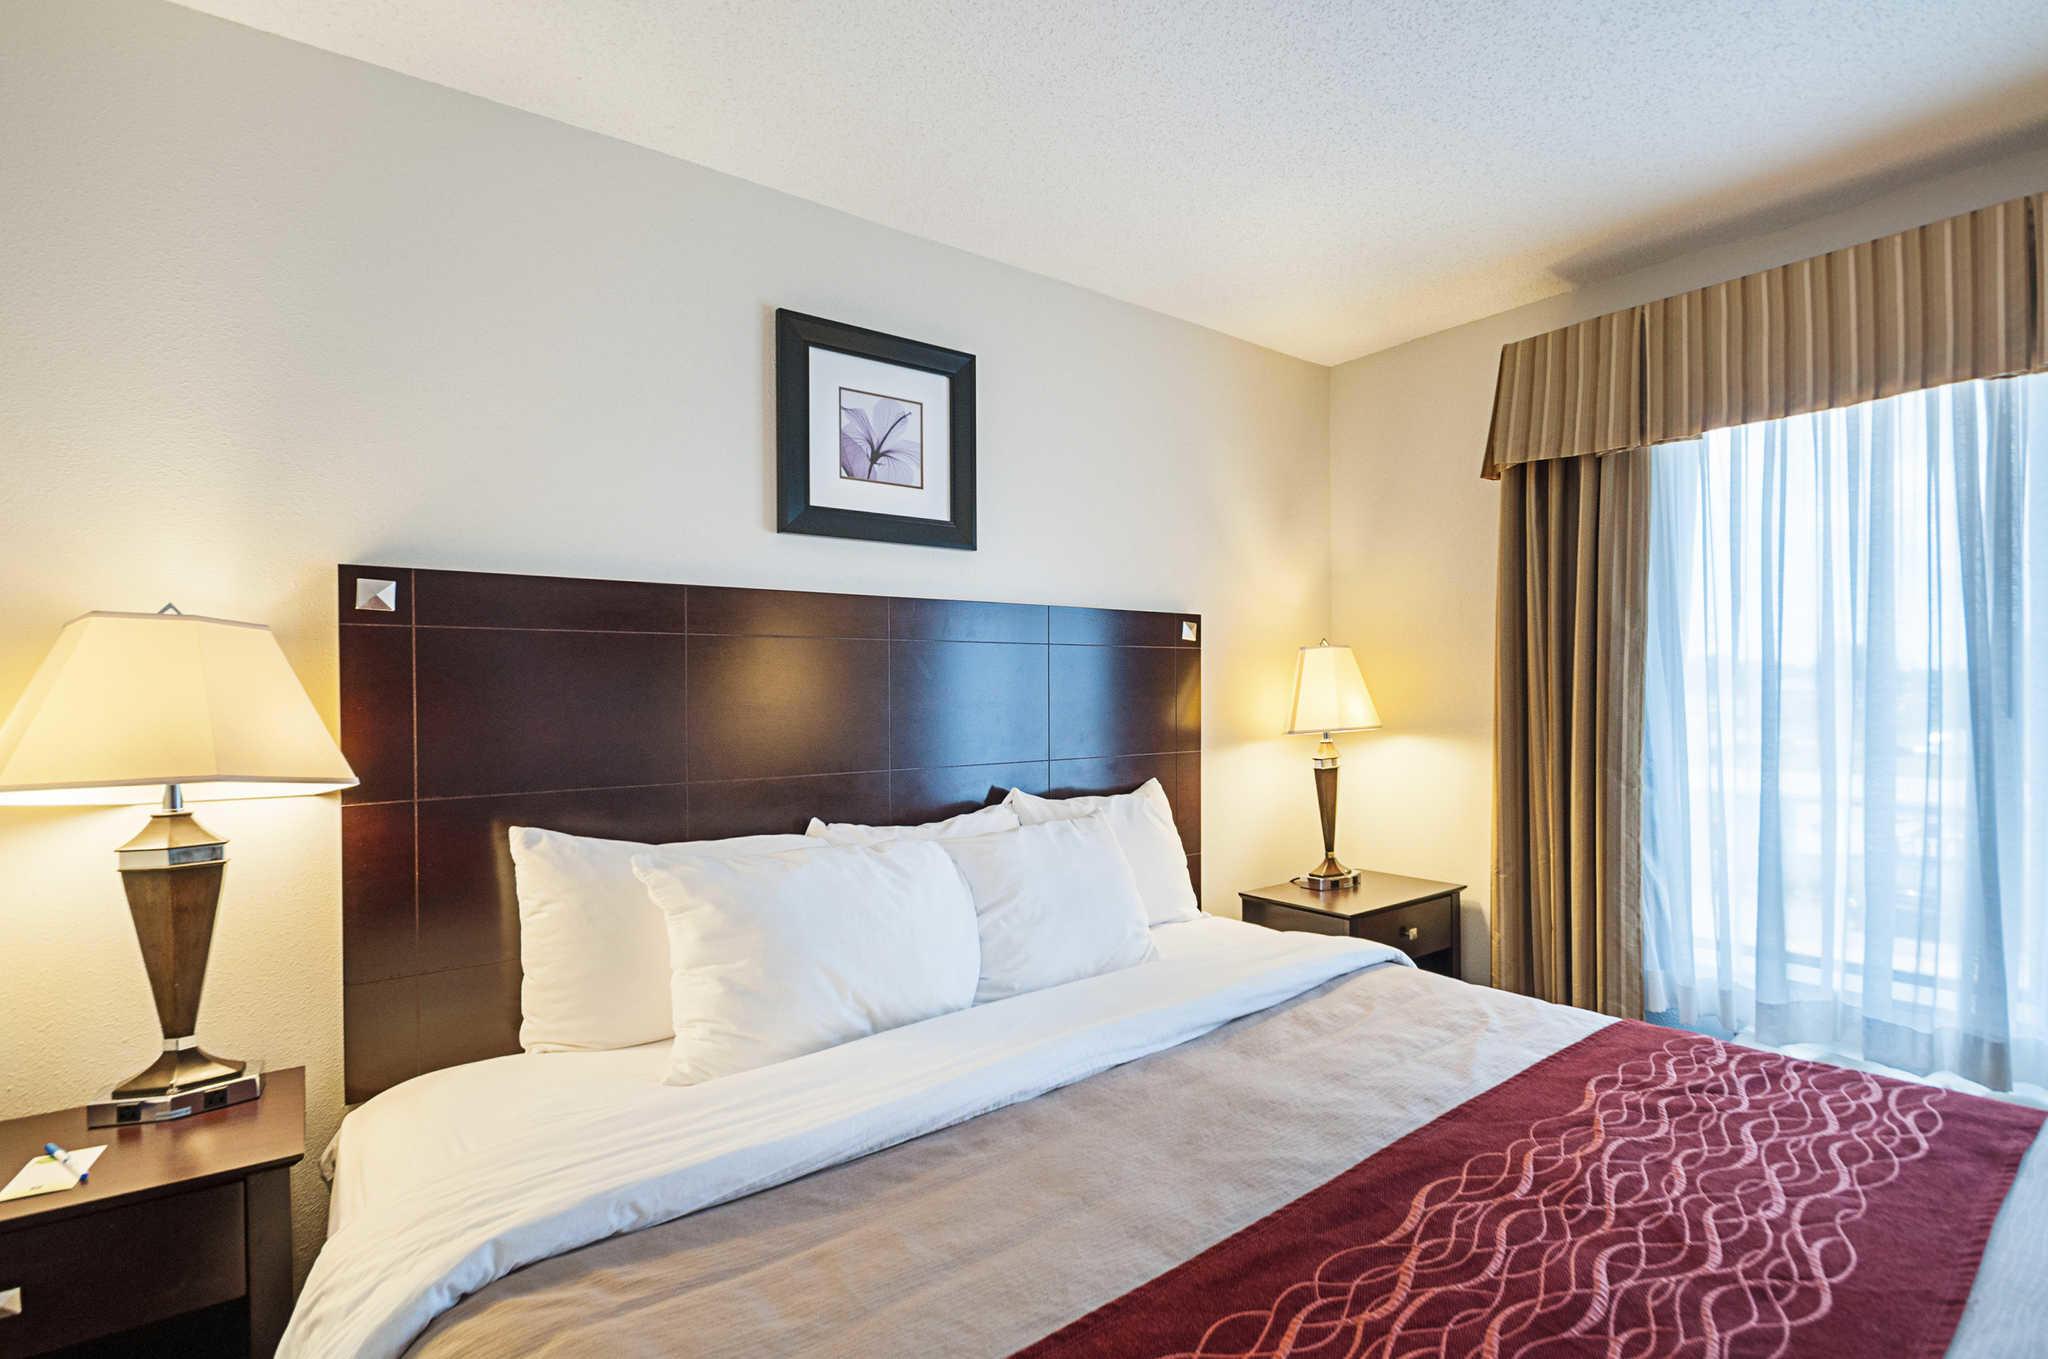 Comfort Inn & Suites Cambridge image 17